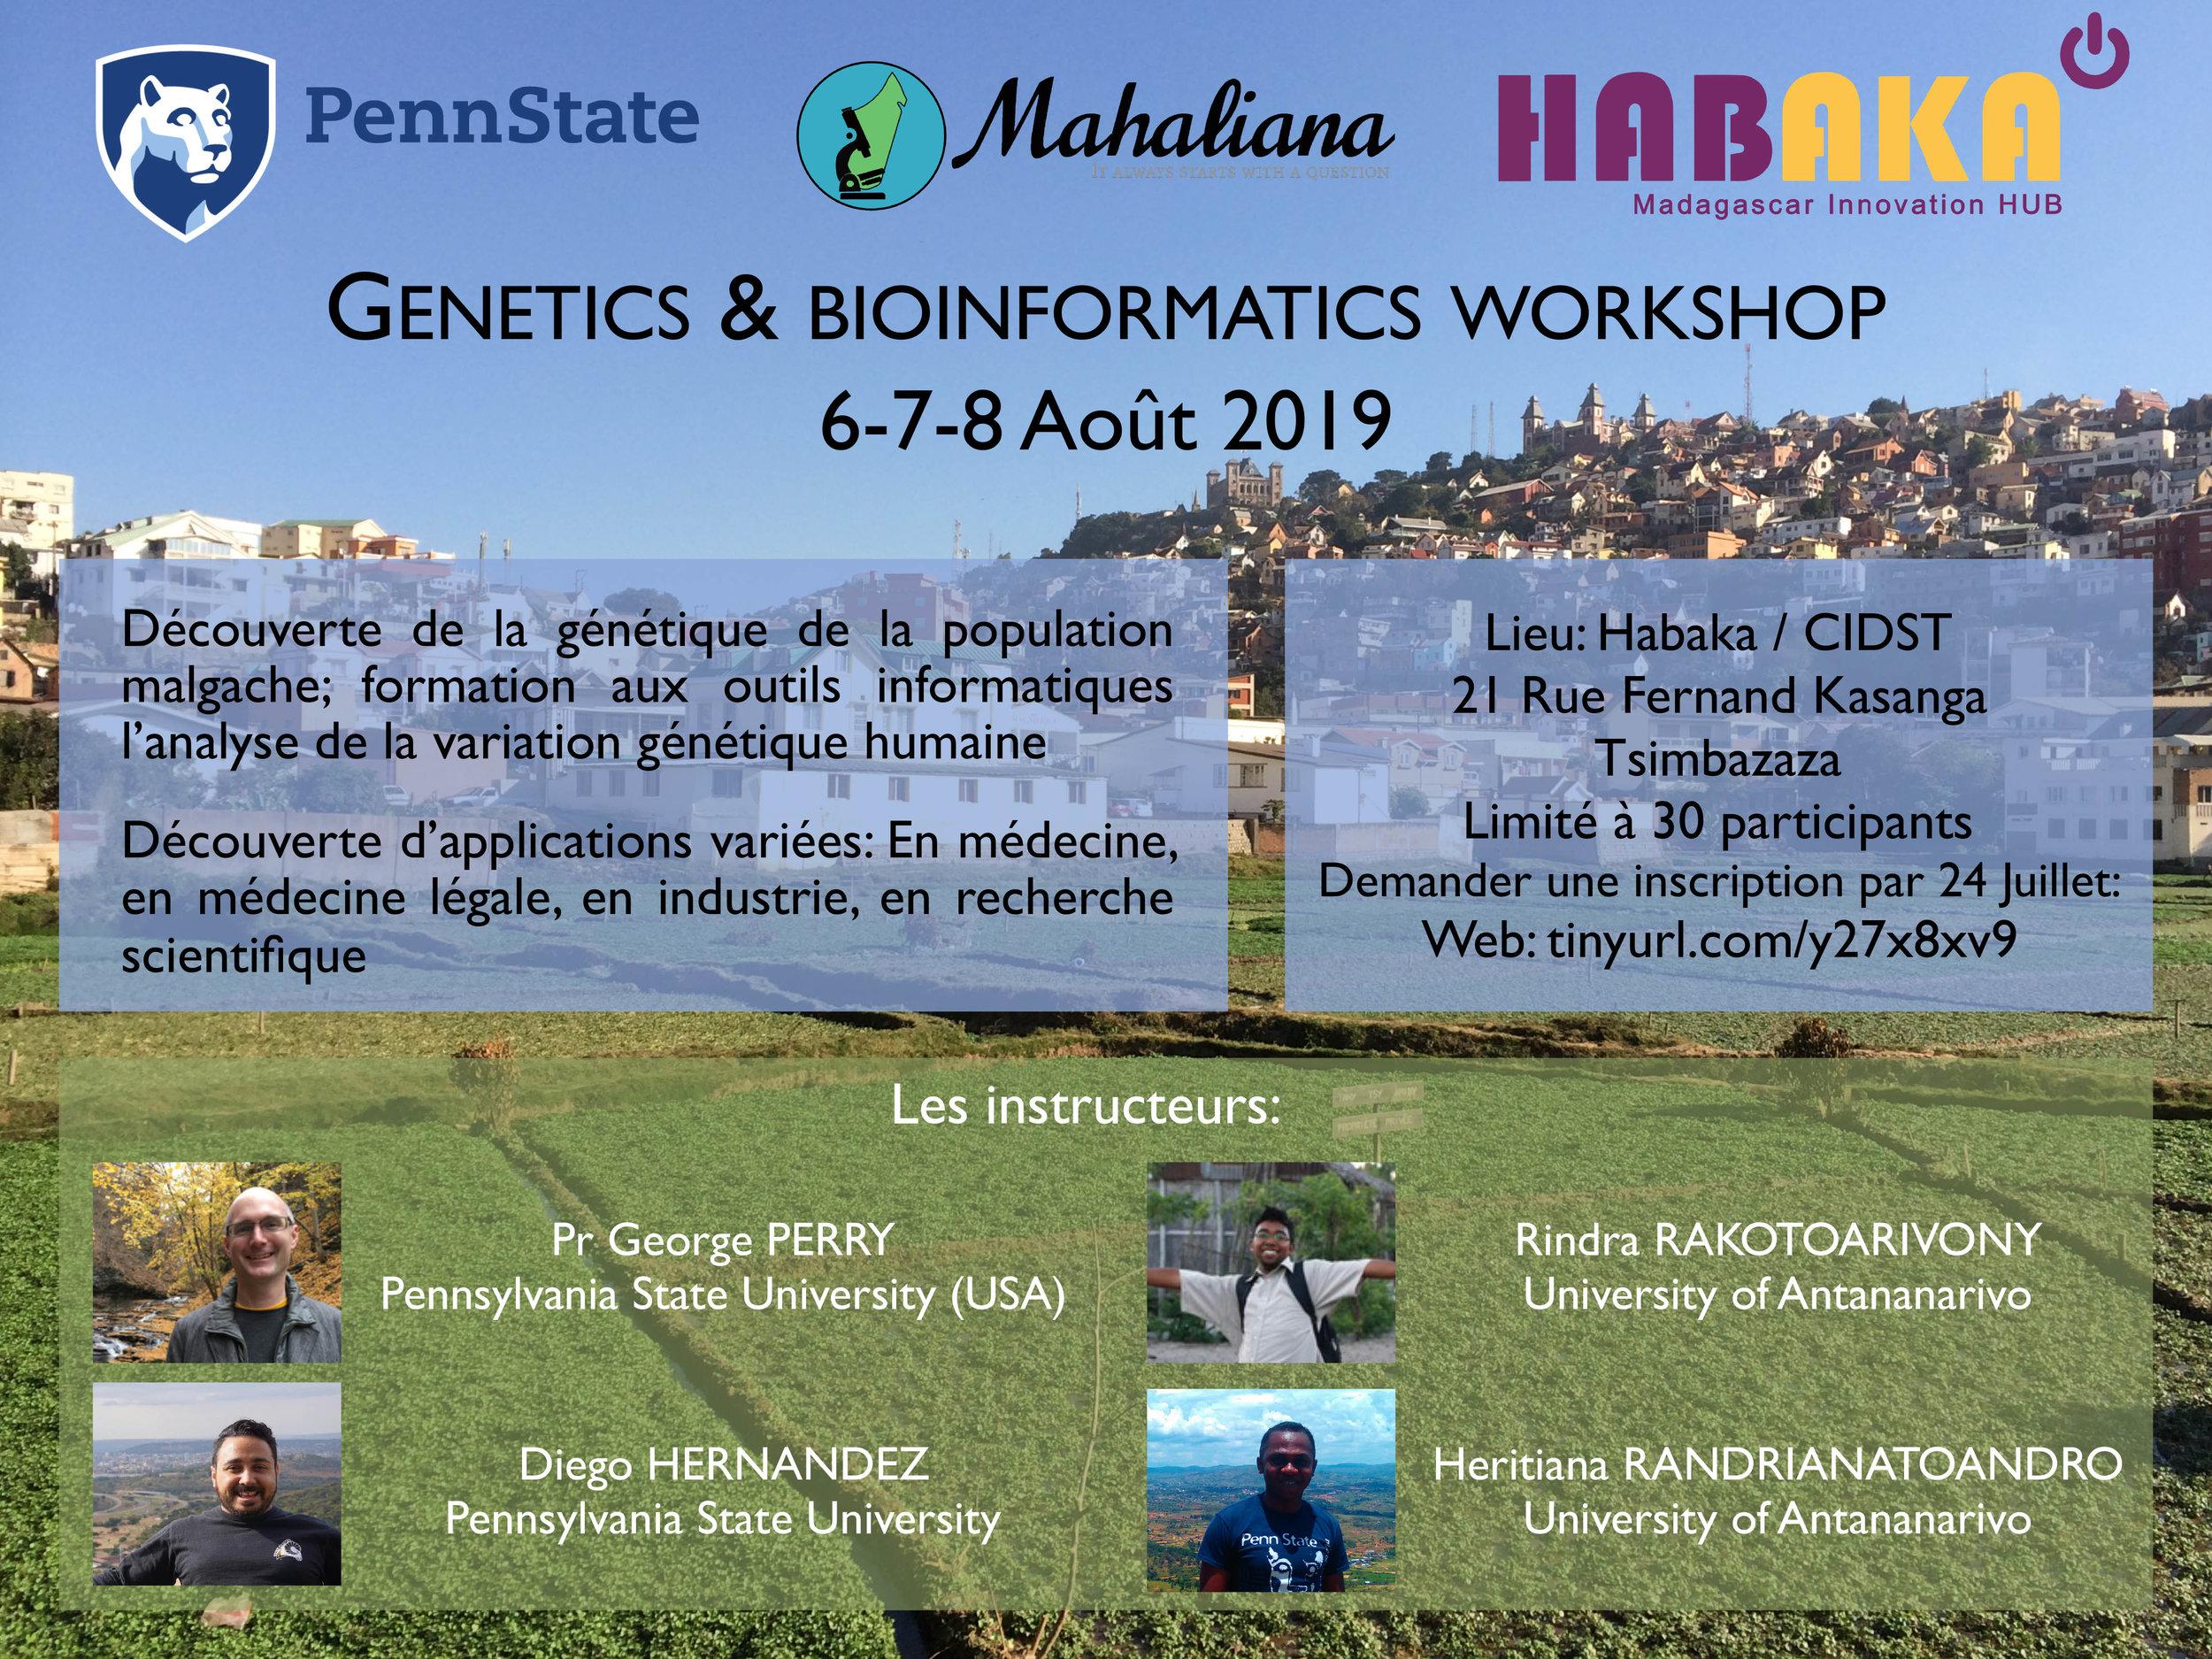 Bioinformatics workshop flyer 2019.jpg